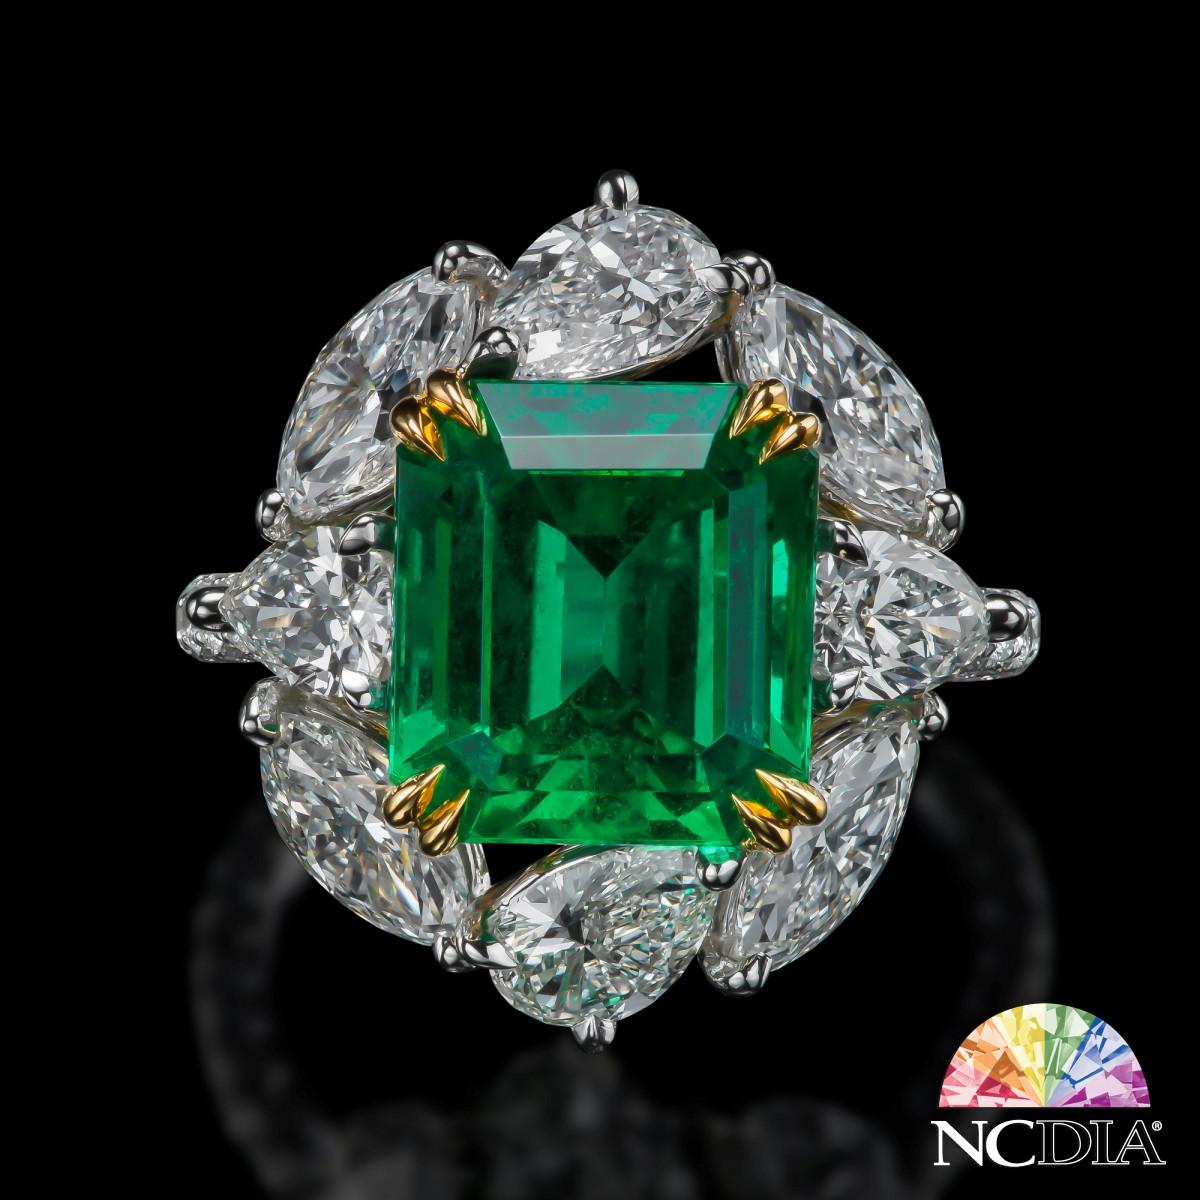 5.48ct No Clarity Enhancement Ethiopia Emerald Diamond Ring, SSEF cert ava.